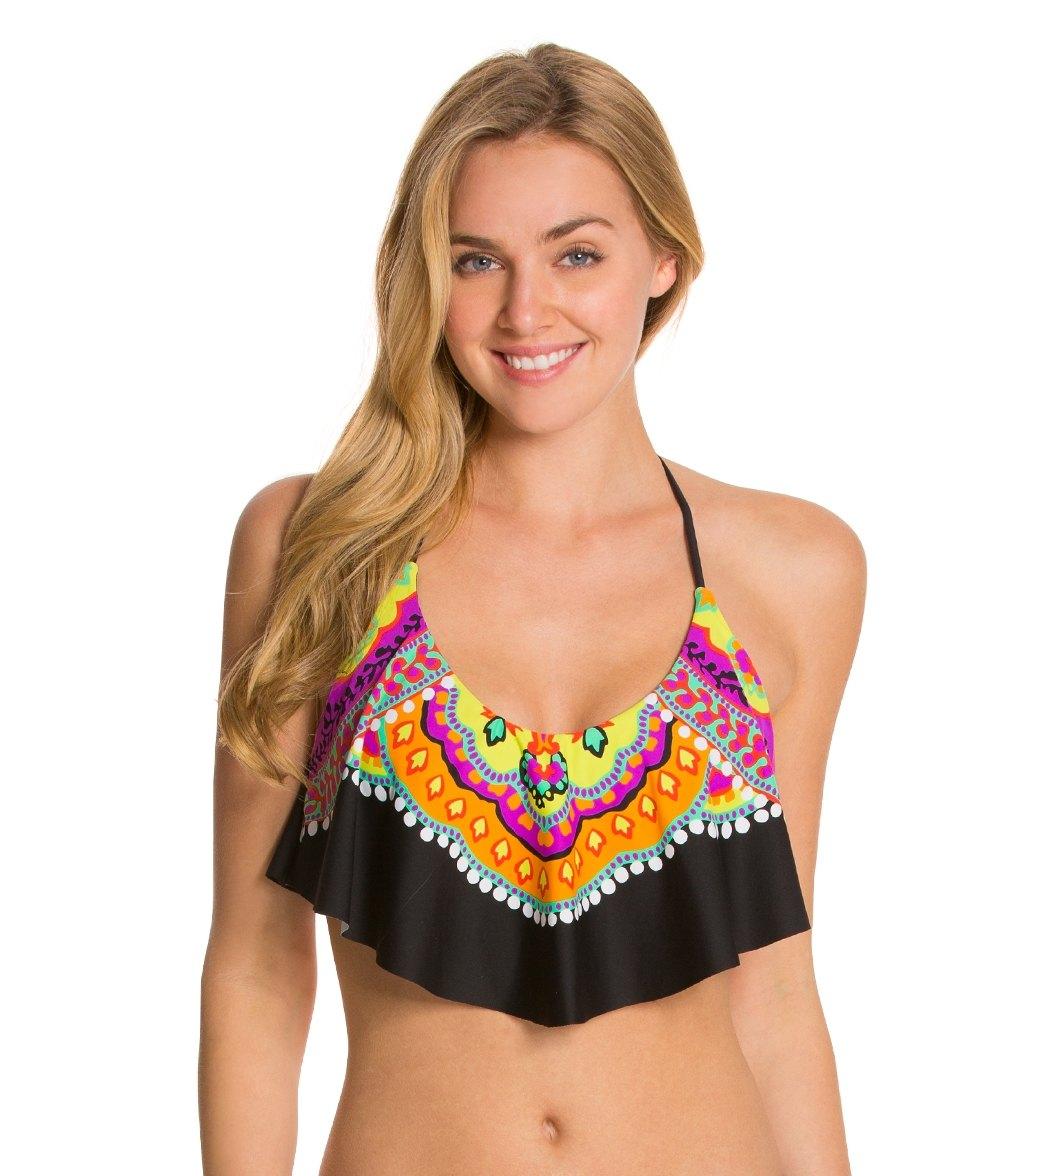 e0db055b76387 ... Trina Turk Nuevo Sol Halter Crop Bikini Top. Play Video. MODEL  MEASUREMENTS